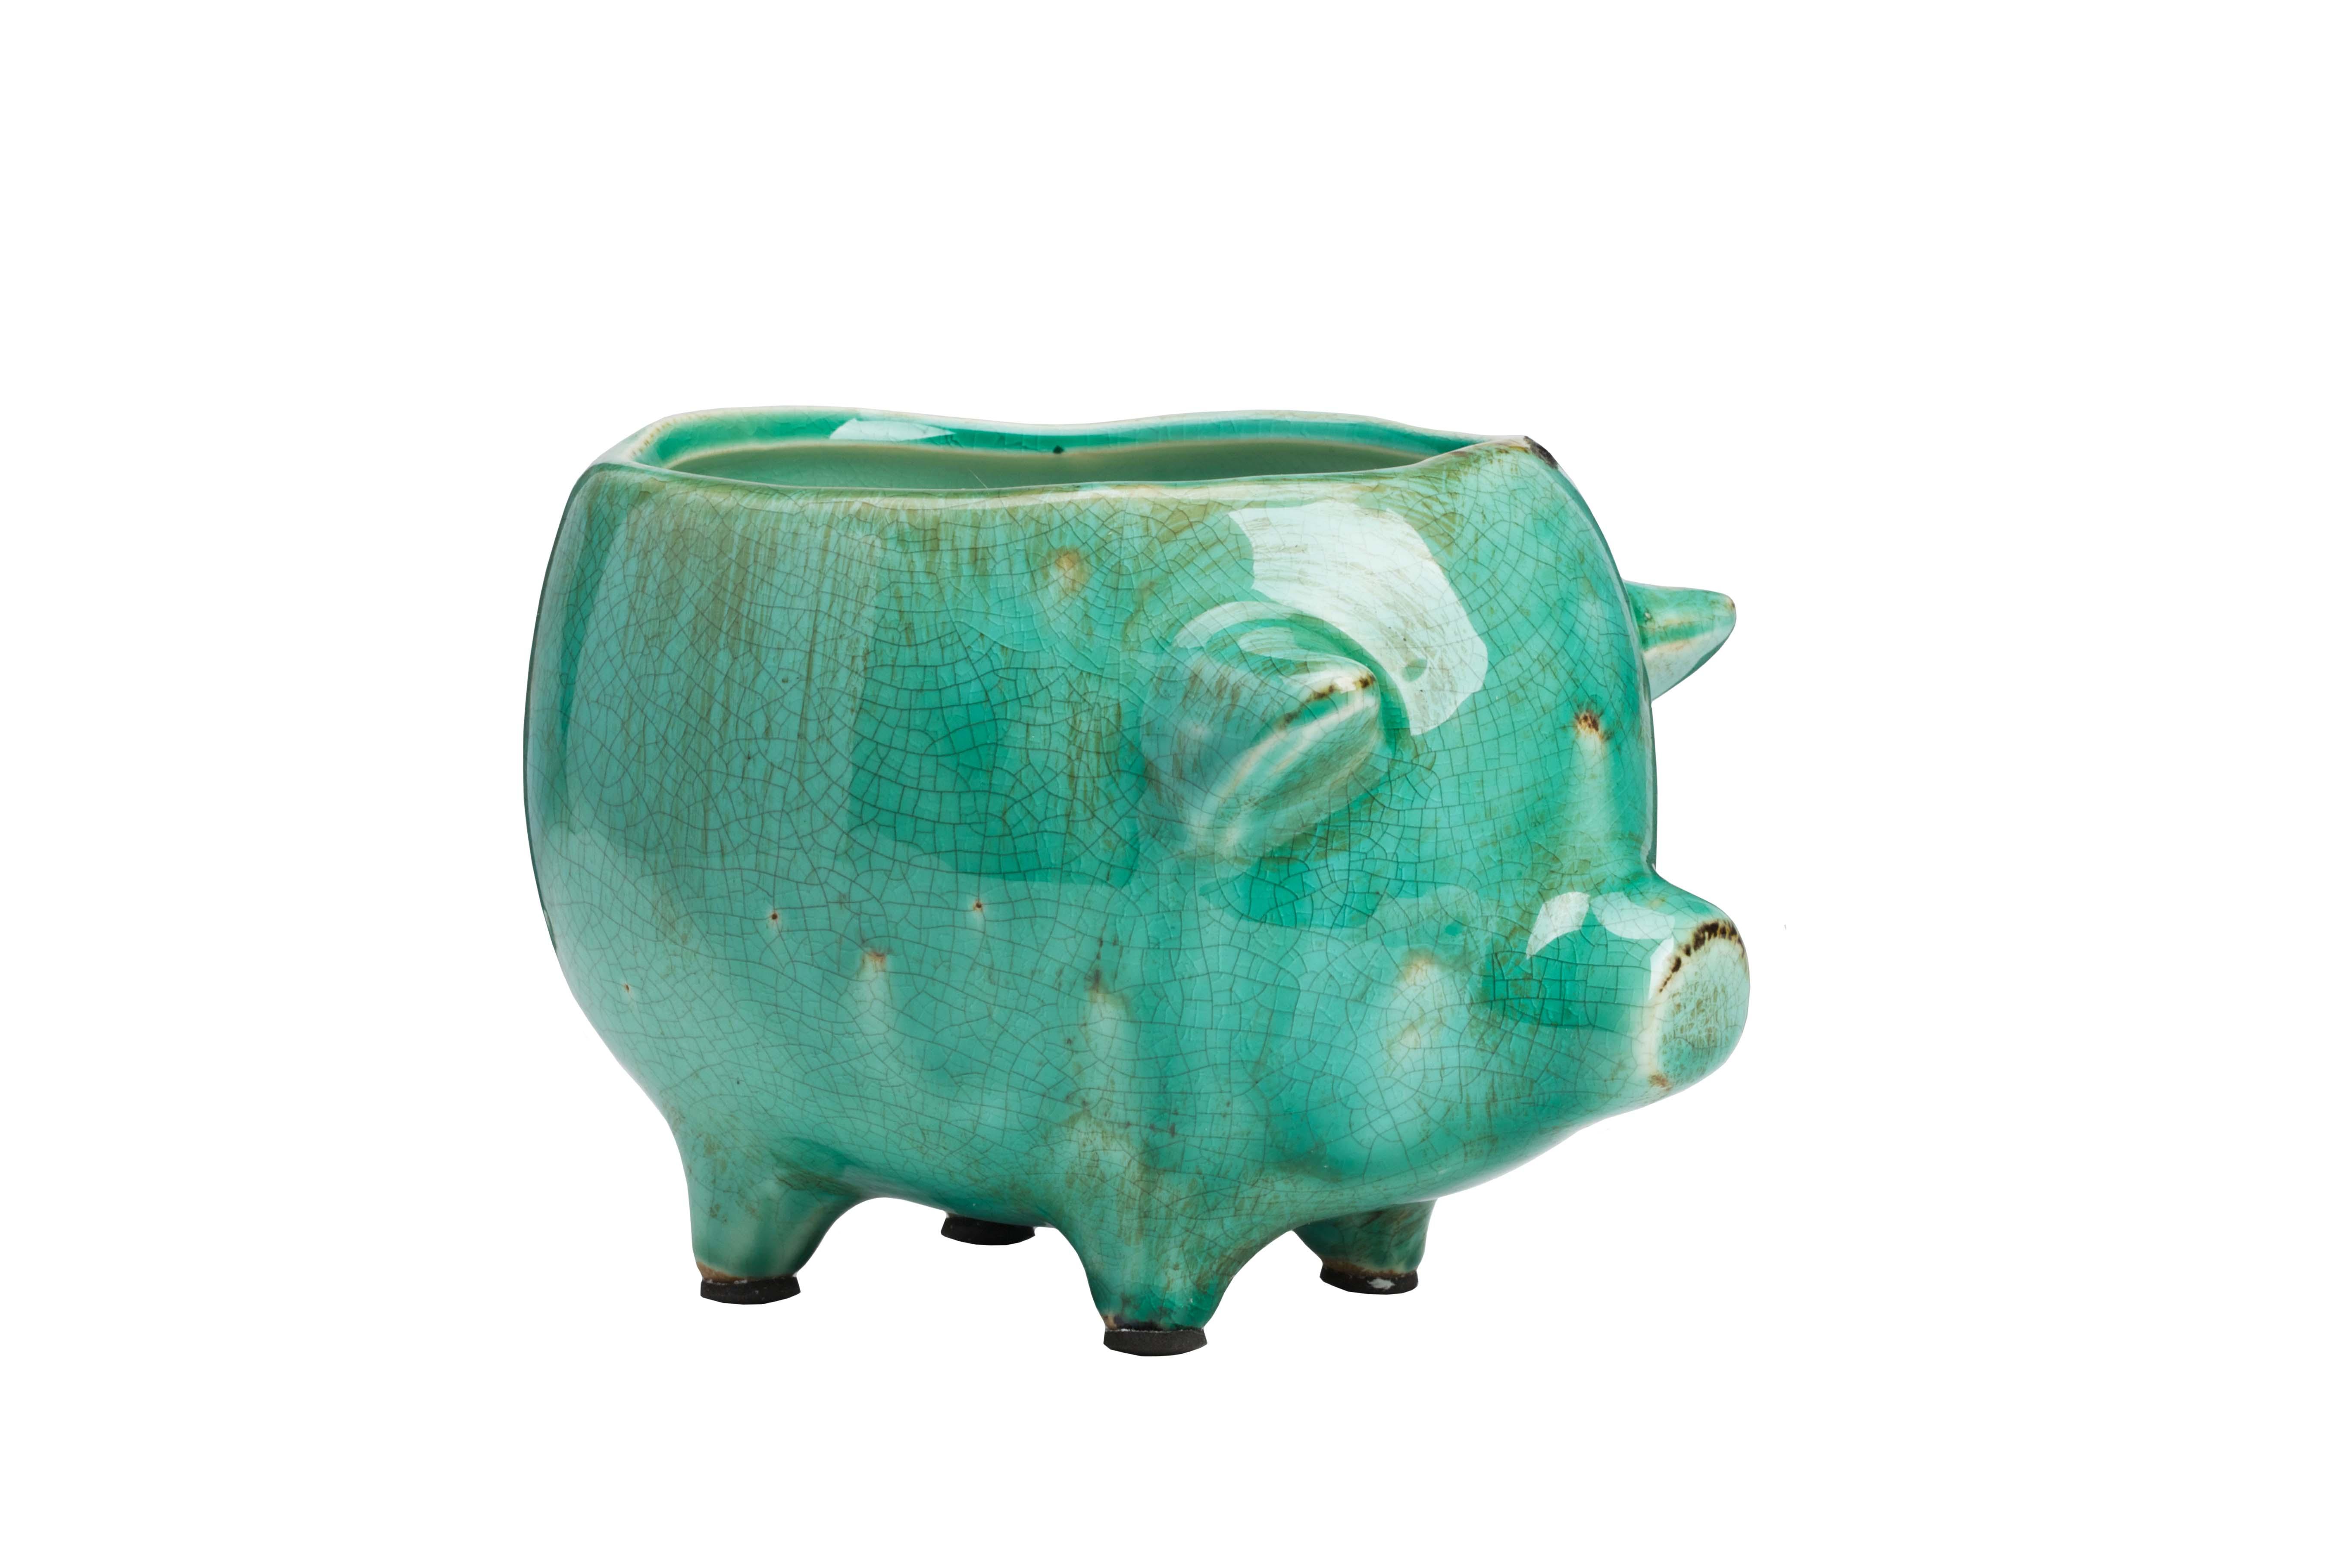 Цветочный горшок Pig Planter Голубой